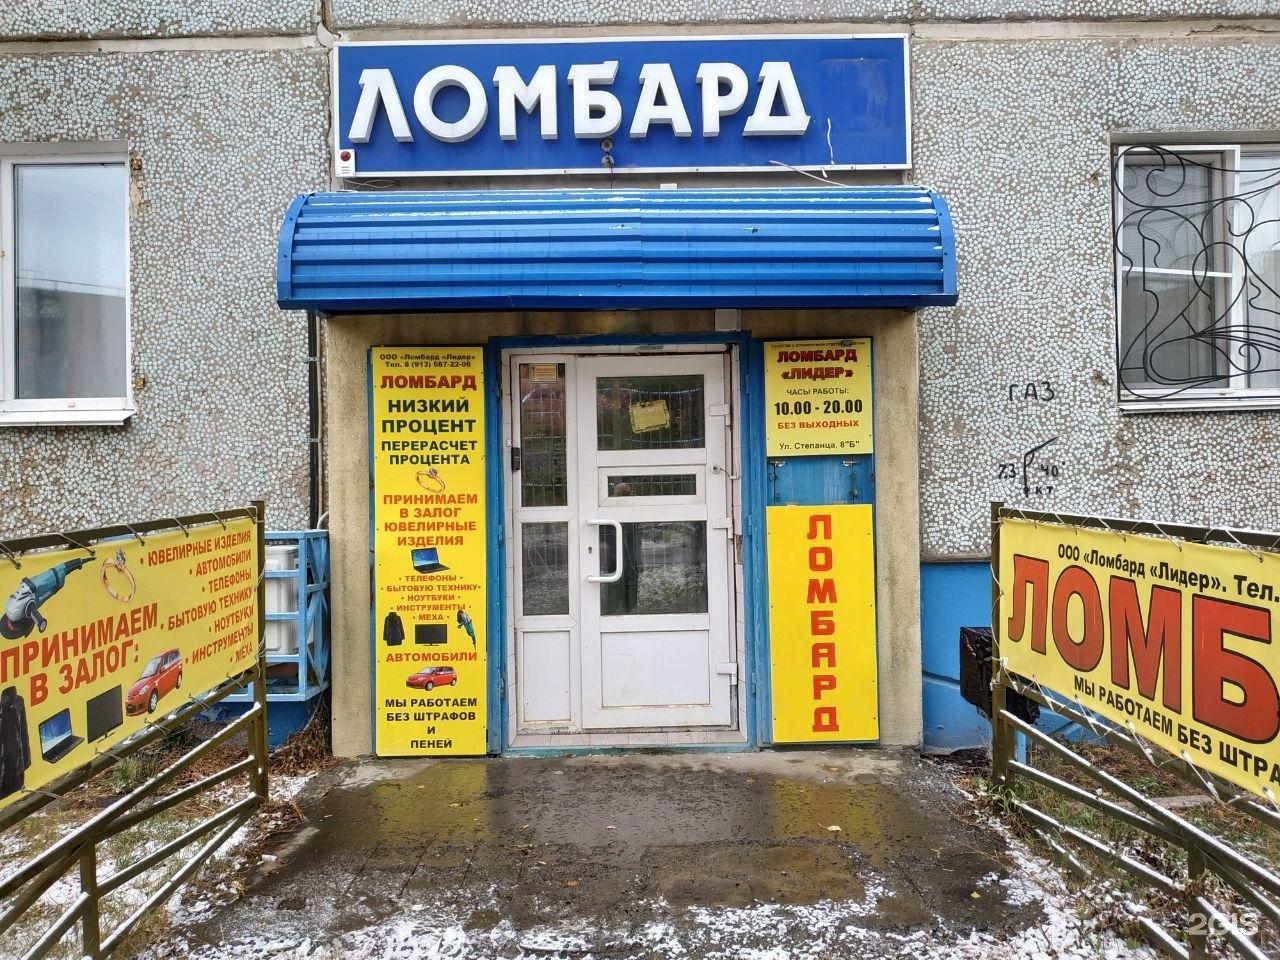 Ломбарды в омске для авто автофинанс москва отзывы